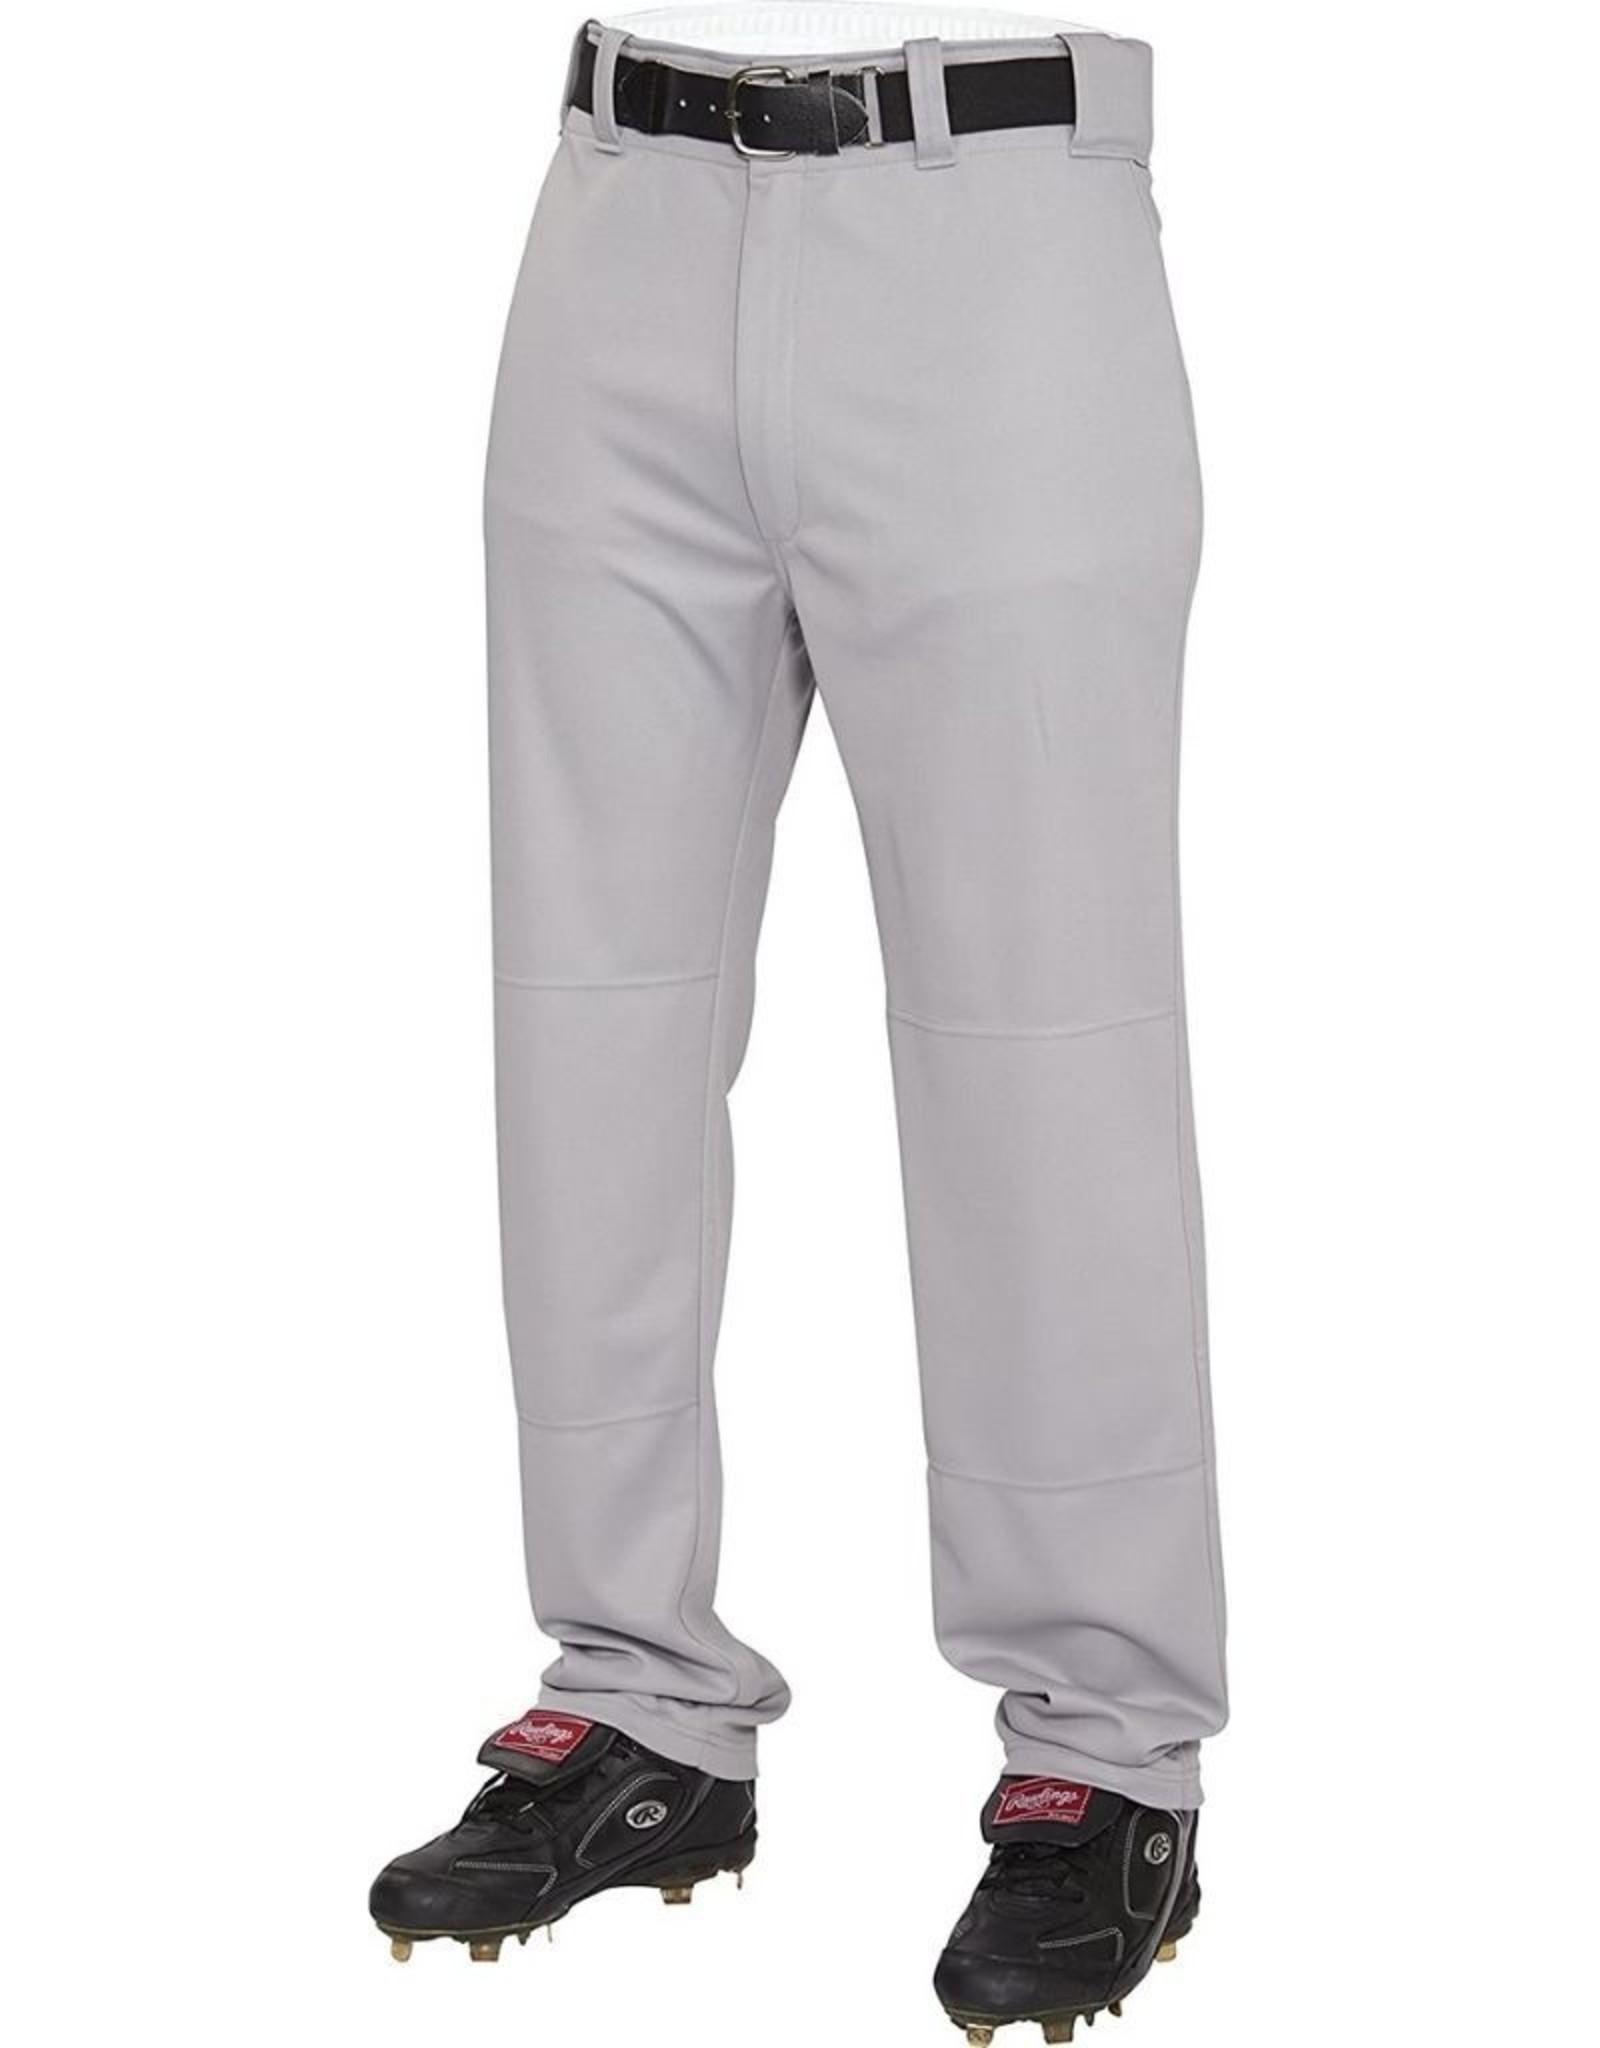 Rawlings Semi-Relaxed Adult Baseball Pants Grey